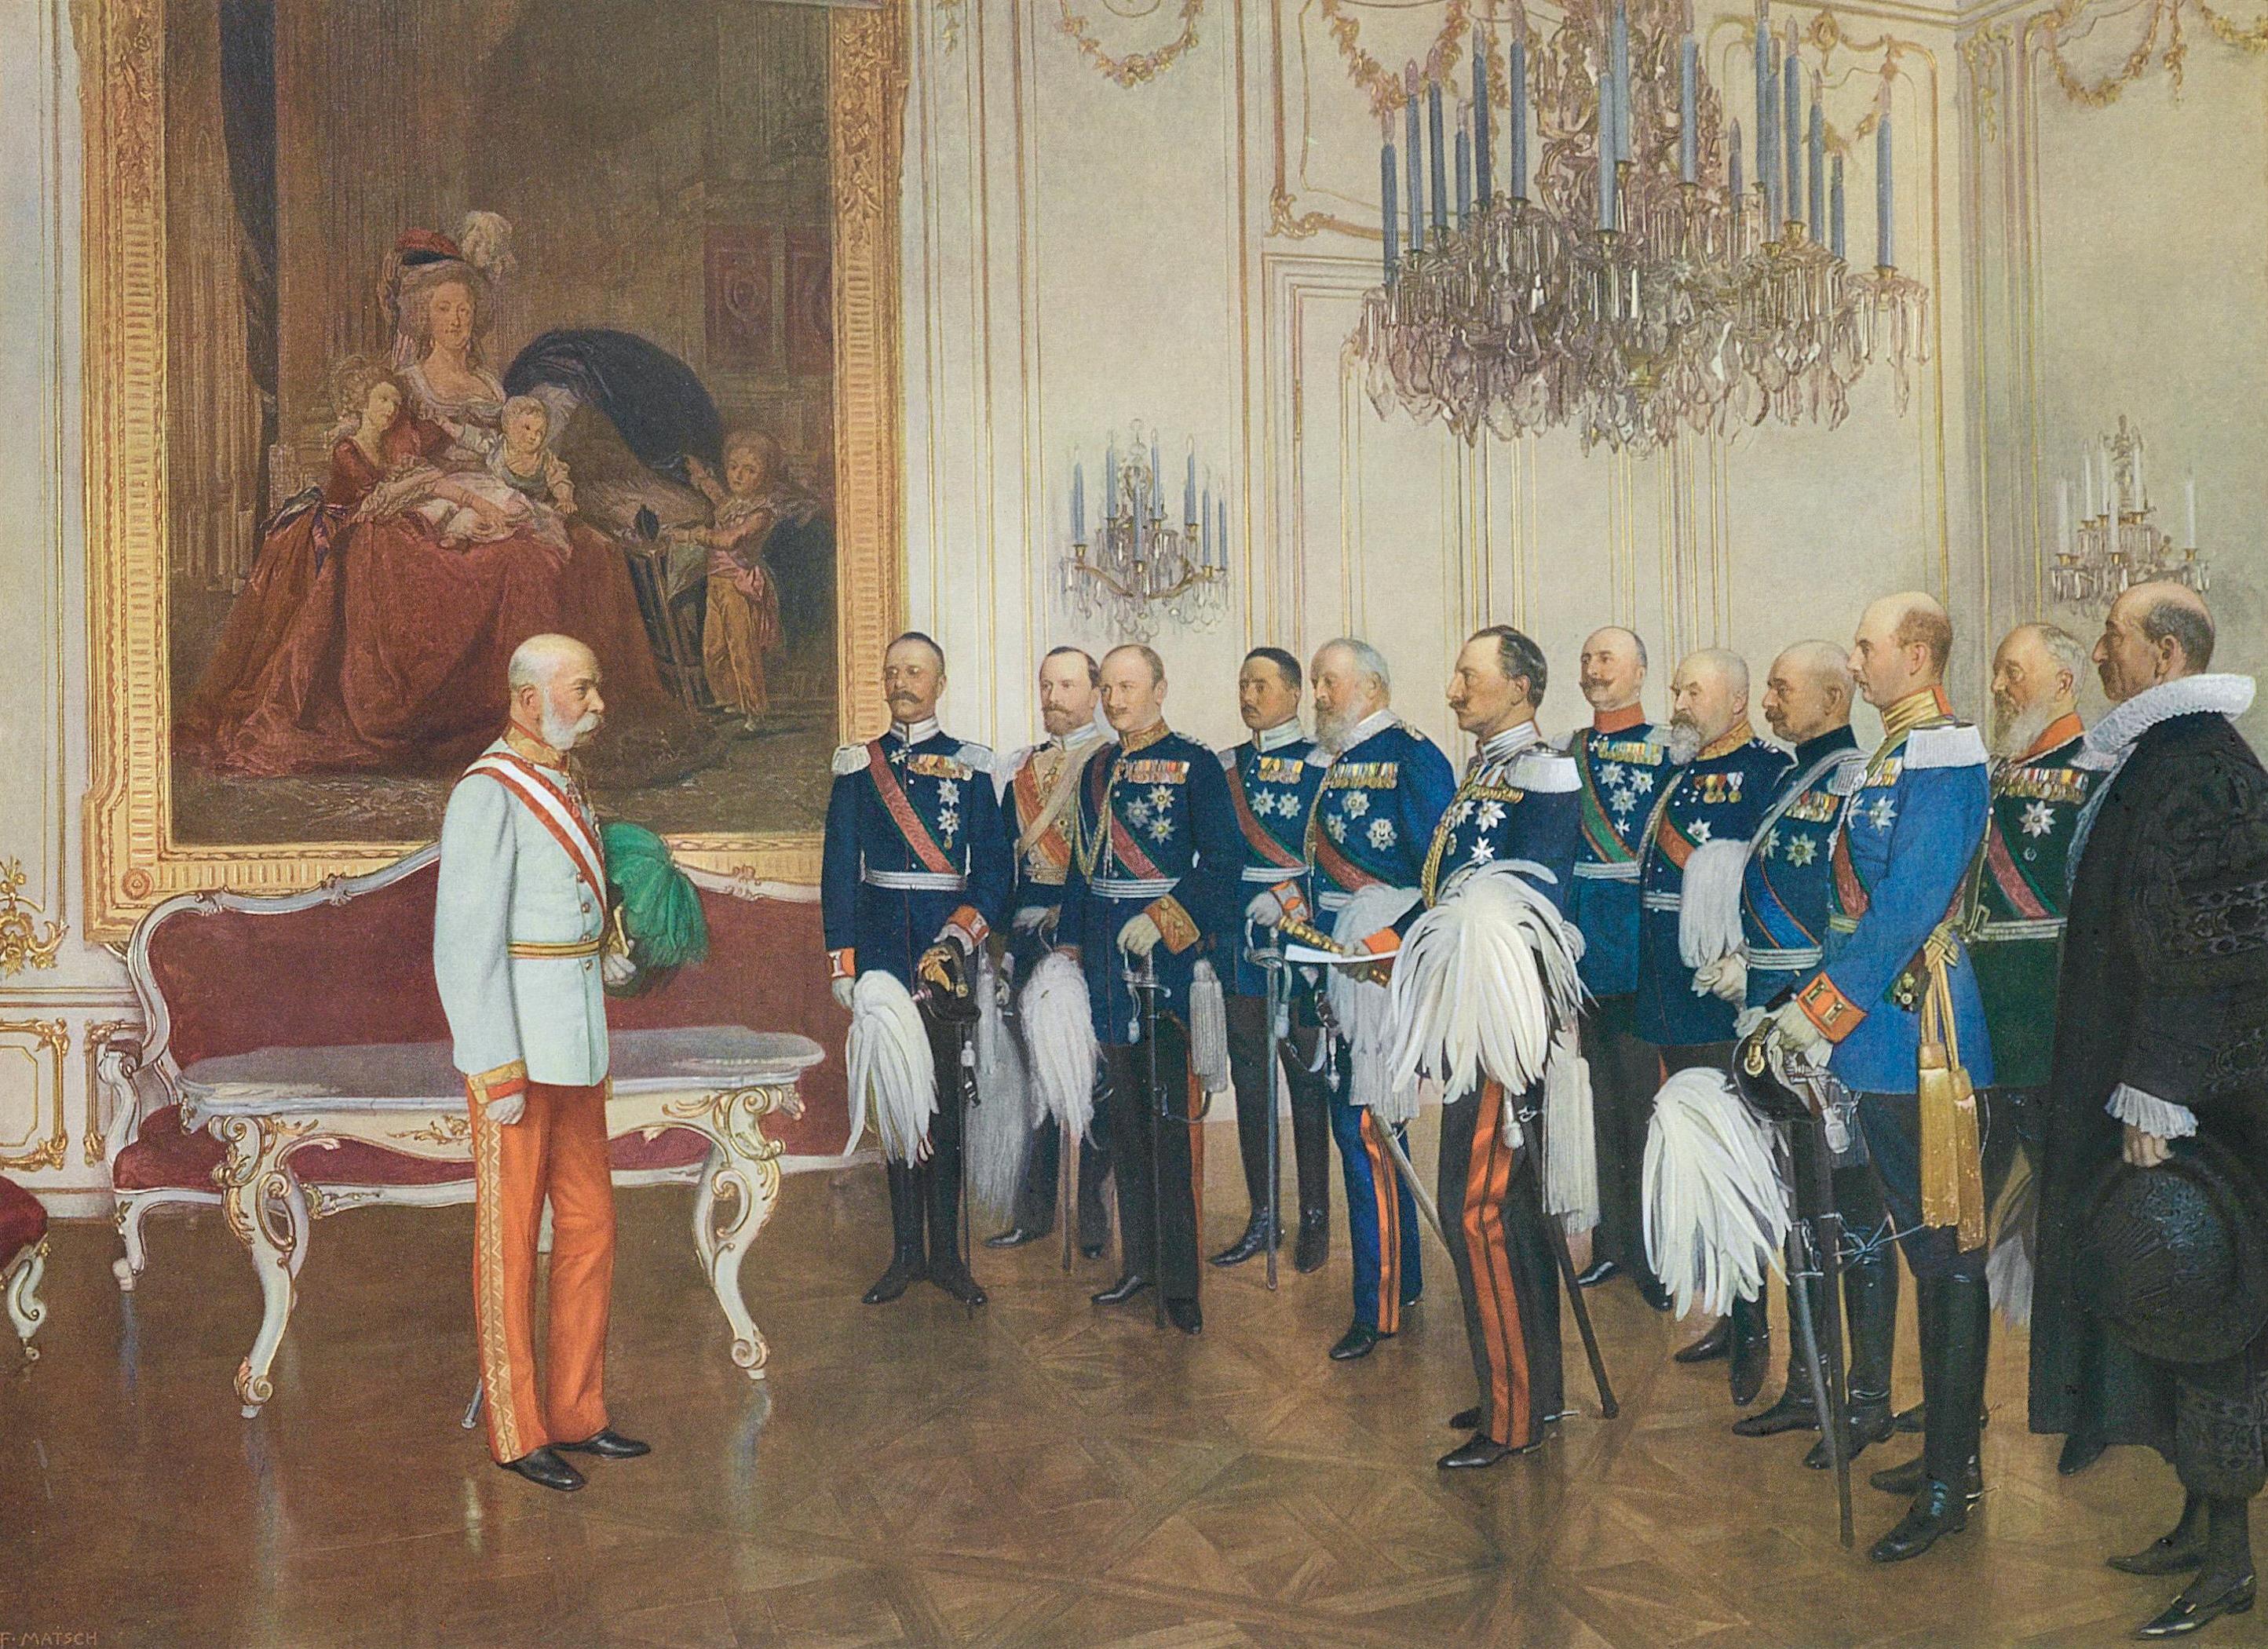 Franz Matsch, Die deutsches Bundesfürsten huldigen Kaiser Franz Joseph, 1908 | Abb. via Wikipedia